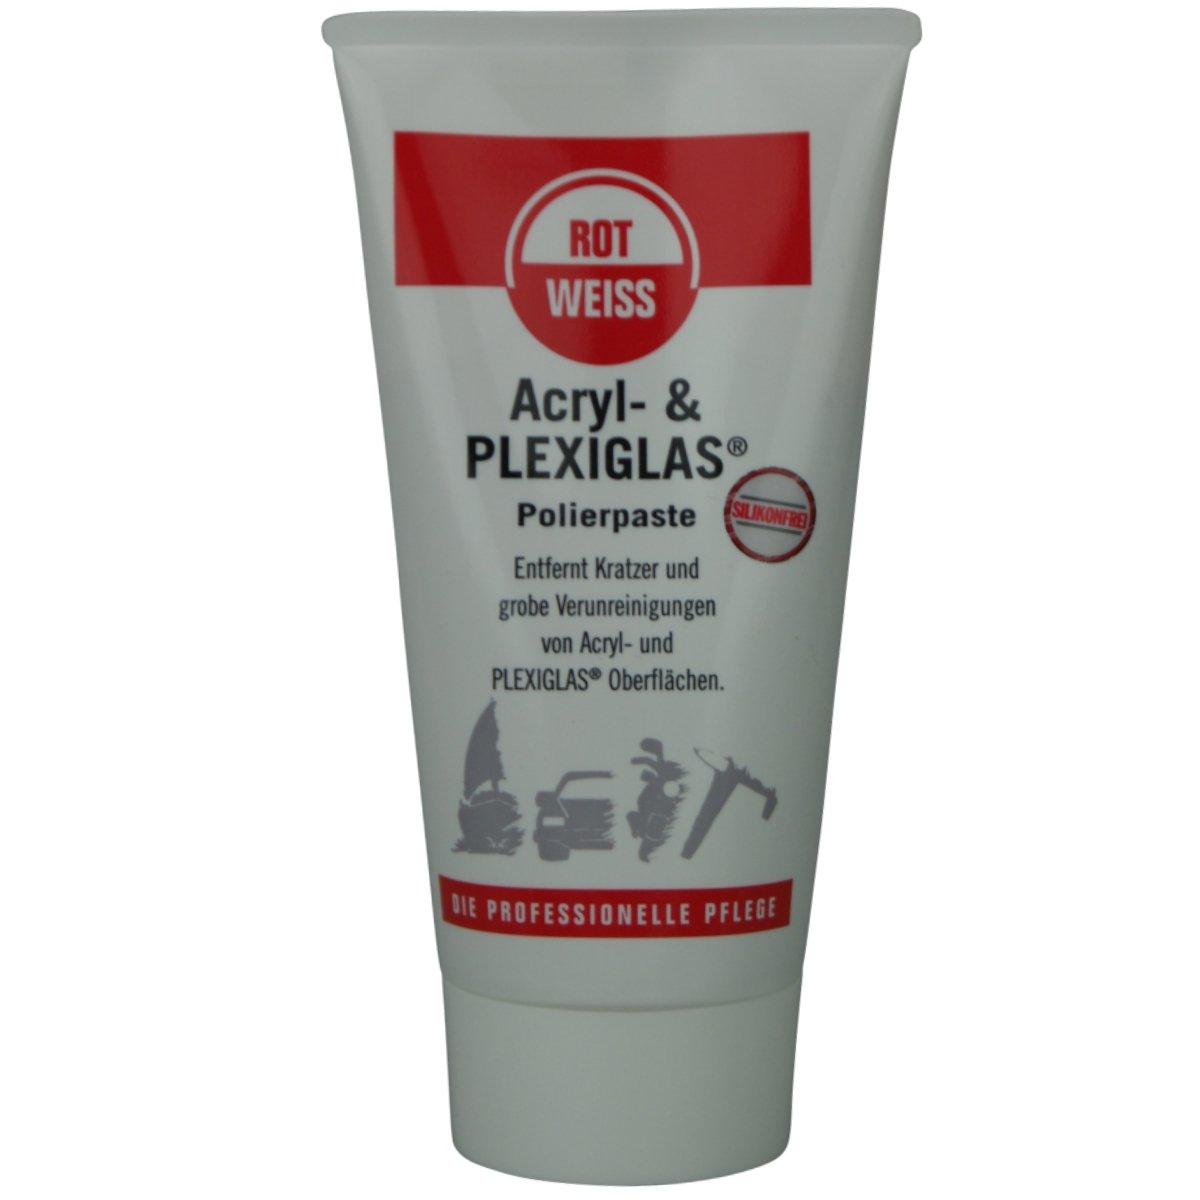 ROTWEISS Acryl & Plexiglas Polierpaste 150 ml